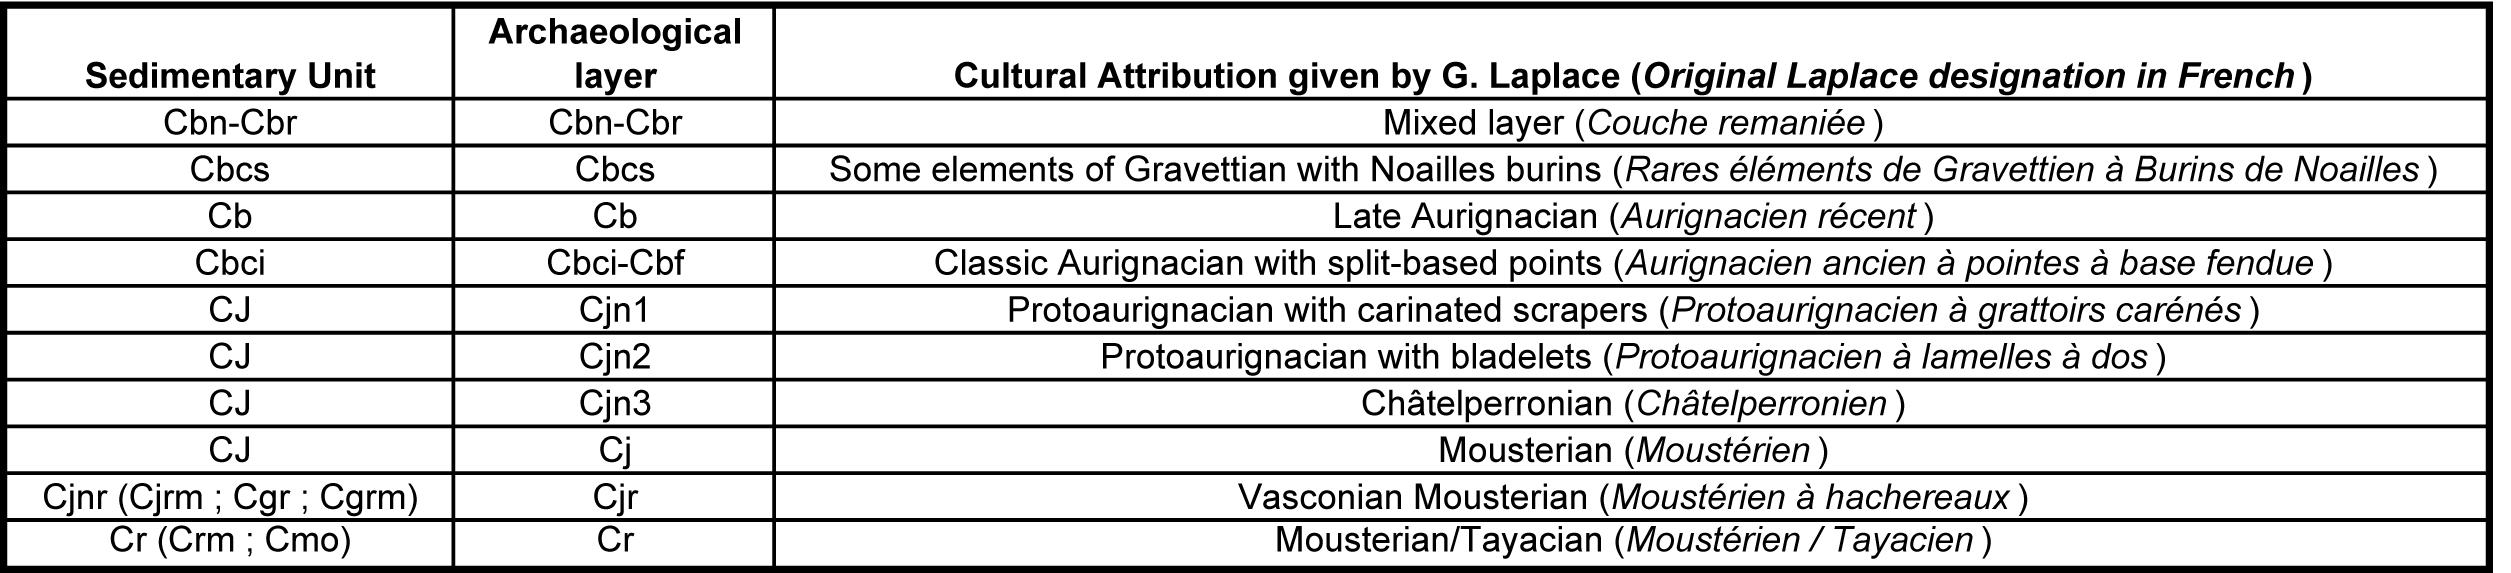 Radiocarbon (AMS) dating the Classic Aurignacian, Proto-Aurignacian